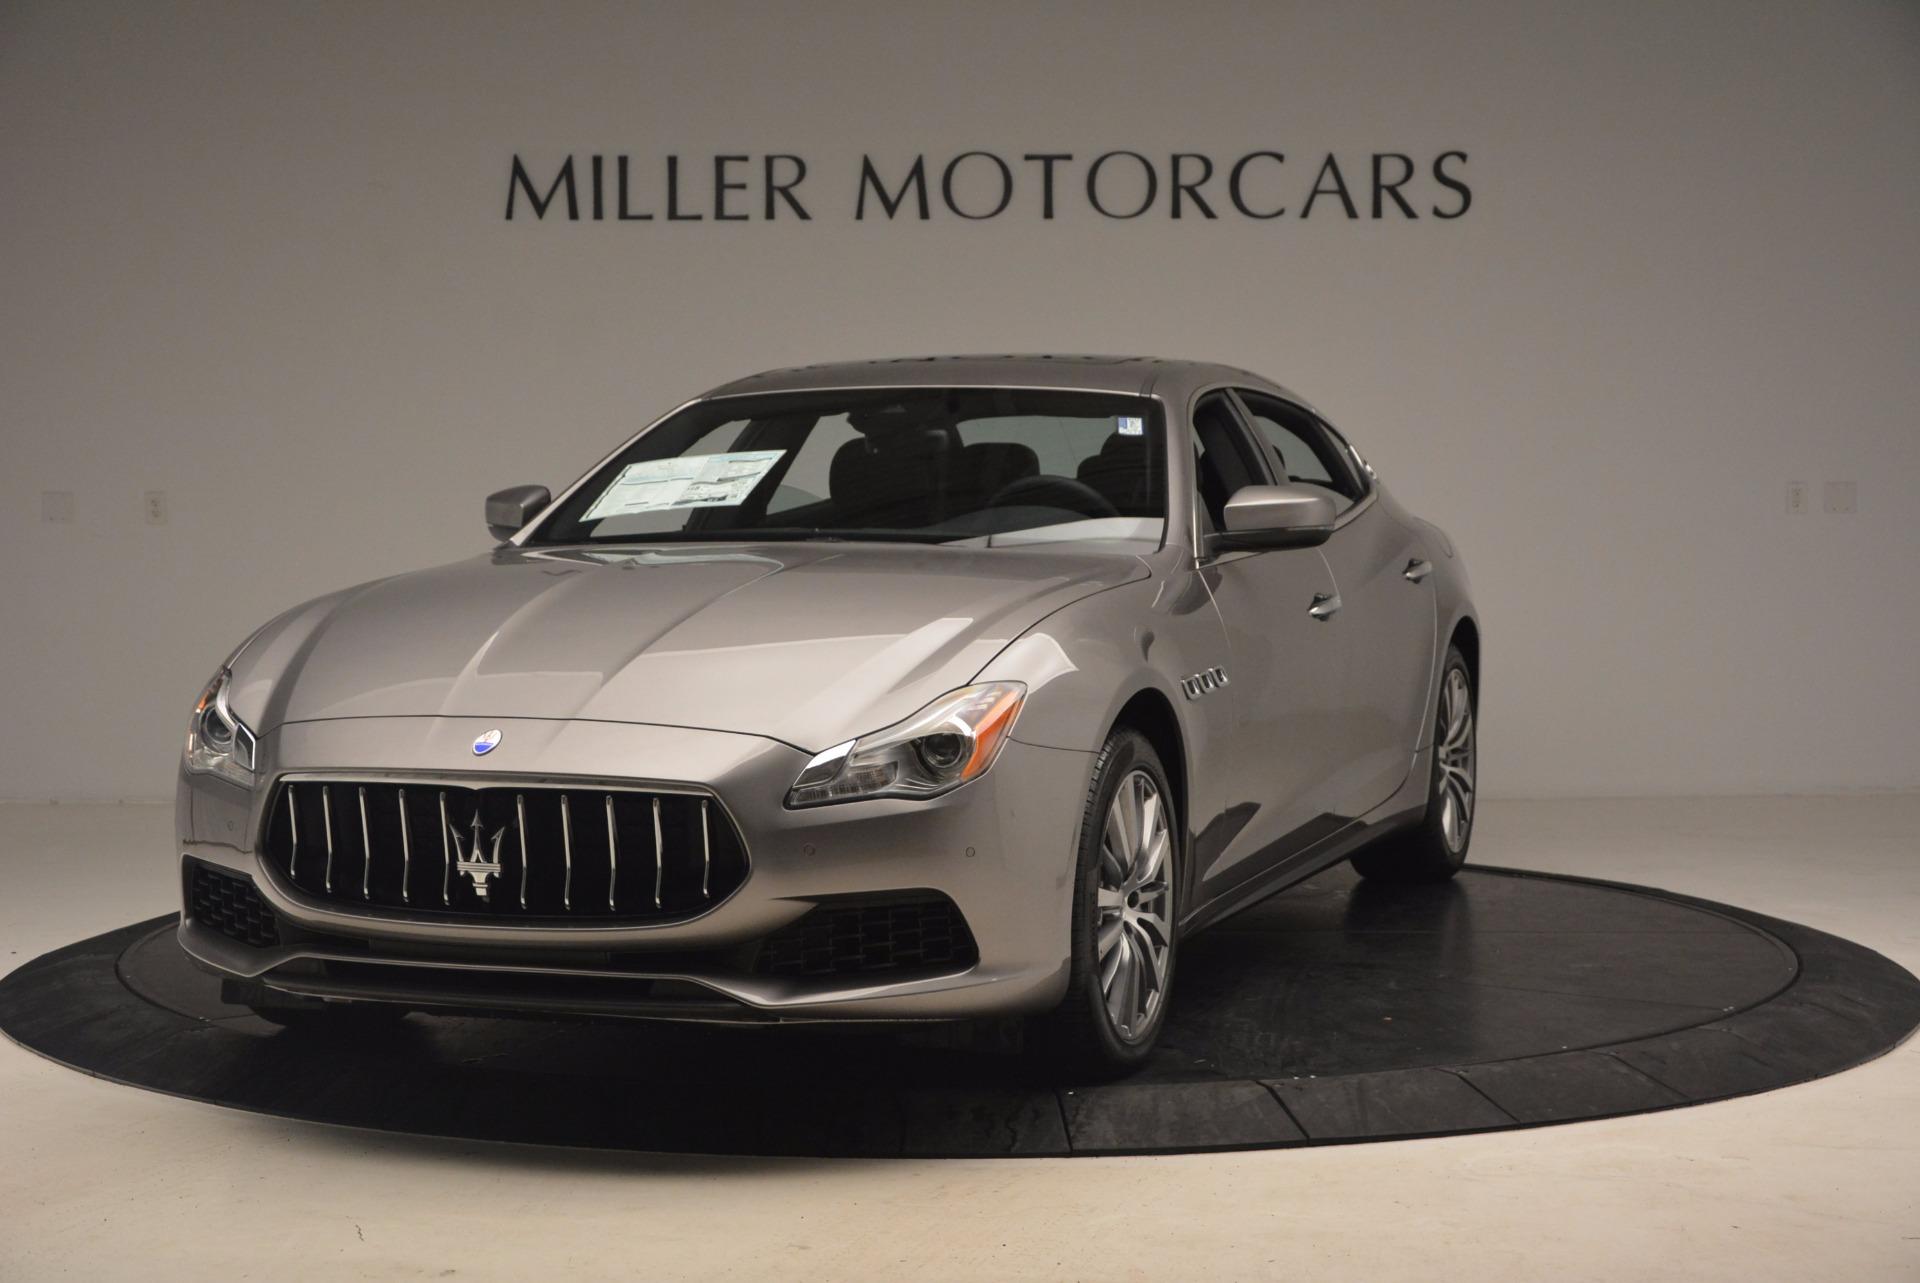 New 2017 Maserati Quattroporte SQ4 for sale Sold at Alfa Romeo of Greenwich in Greenwich CT 06830 1